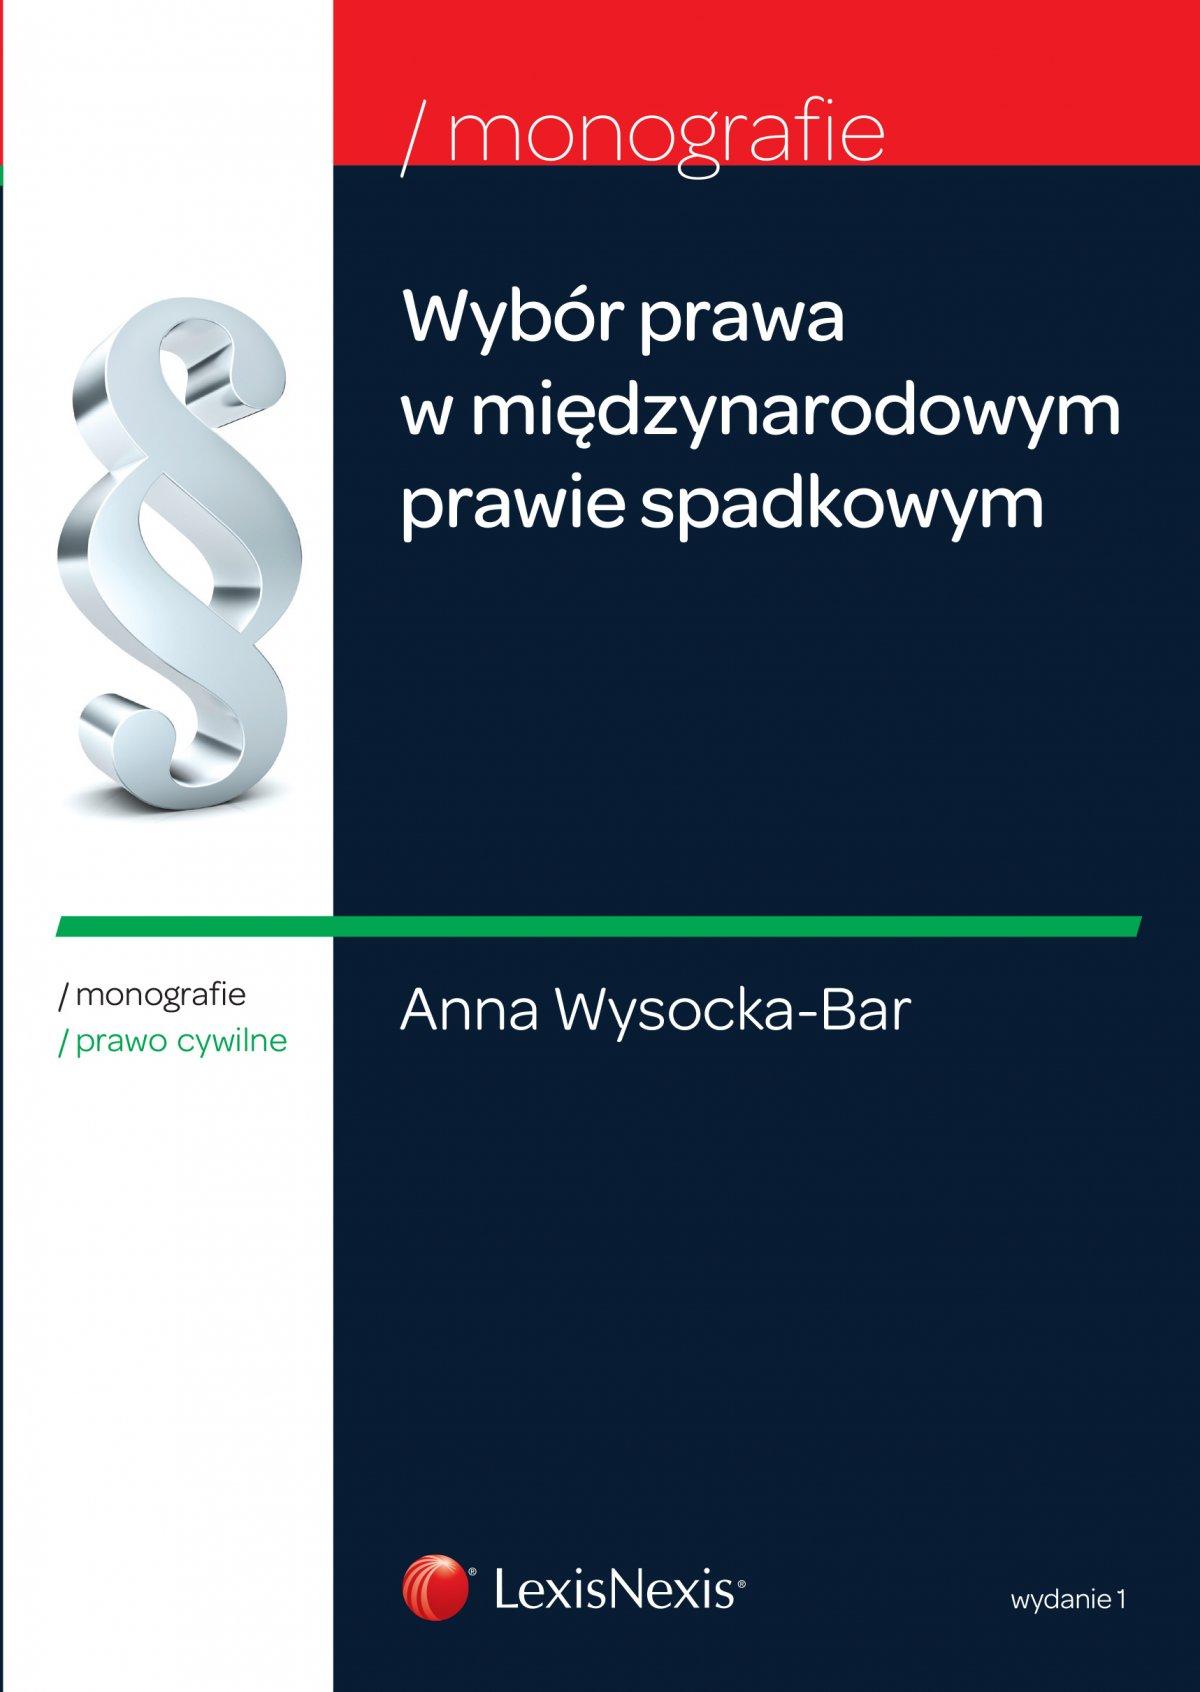 Wybór prawa w międzynarodowym prawie spadkowym. Wydanie 1 - Ebook (Książka EPUB) do pobrania w formacie EPUB